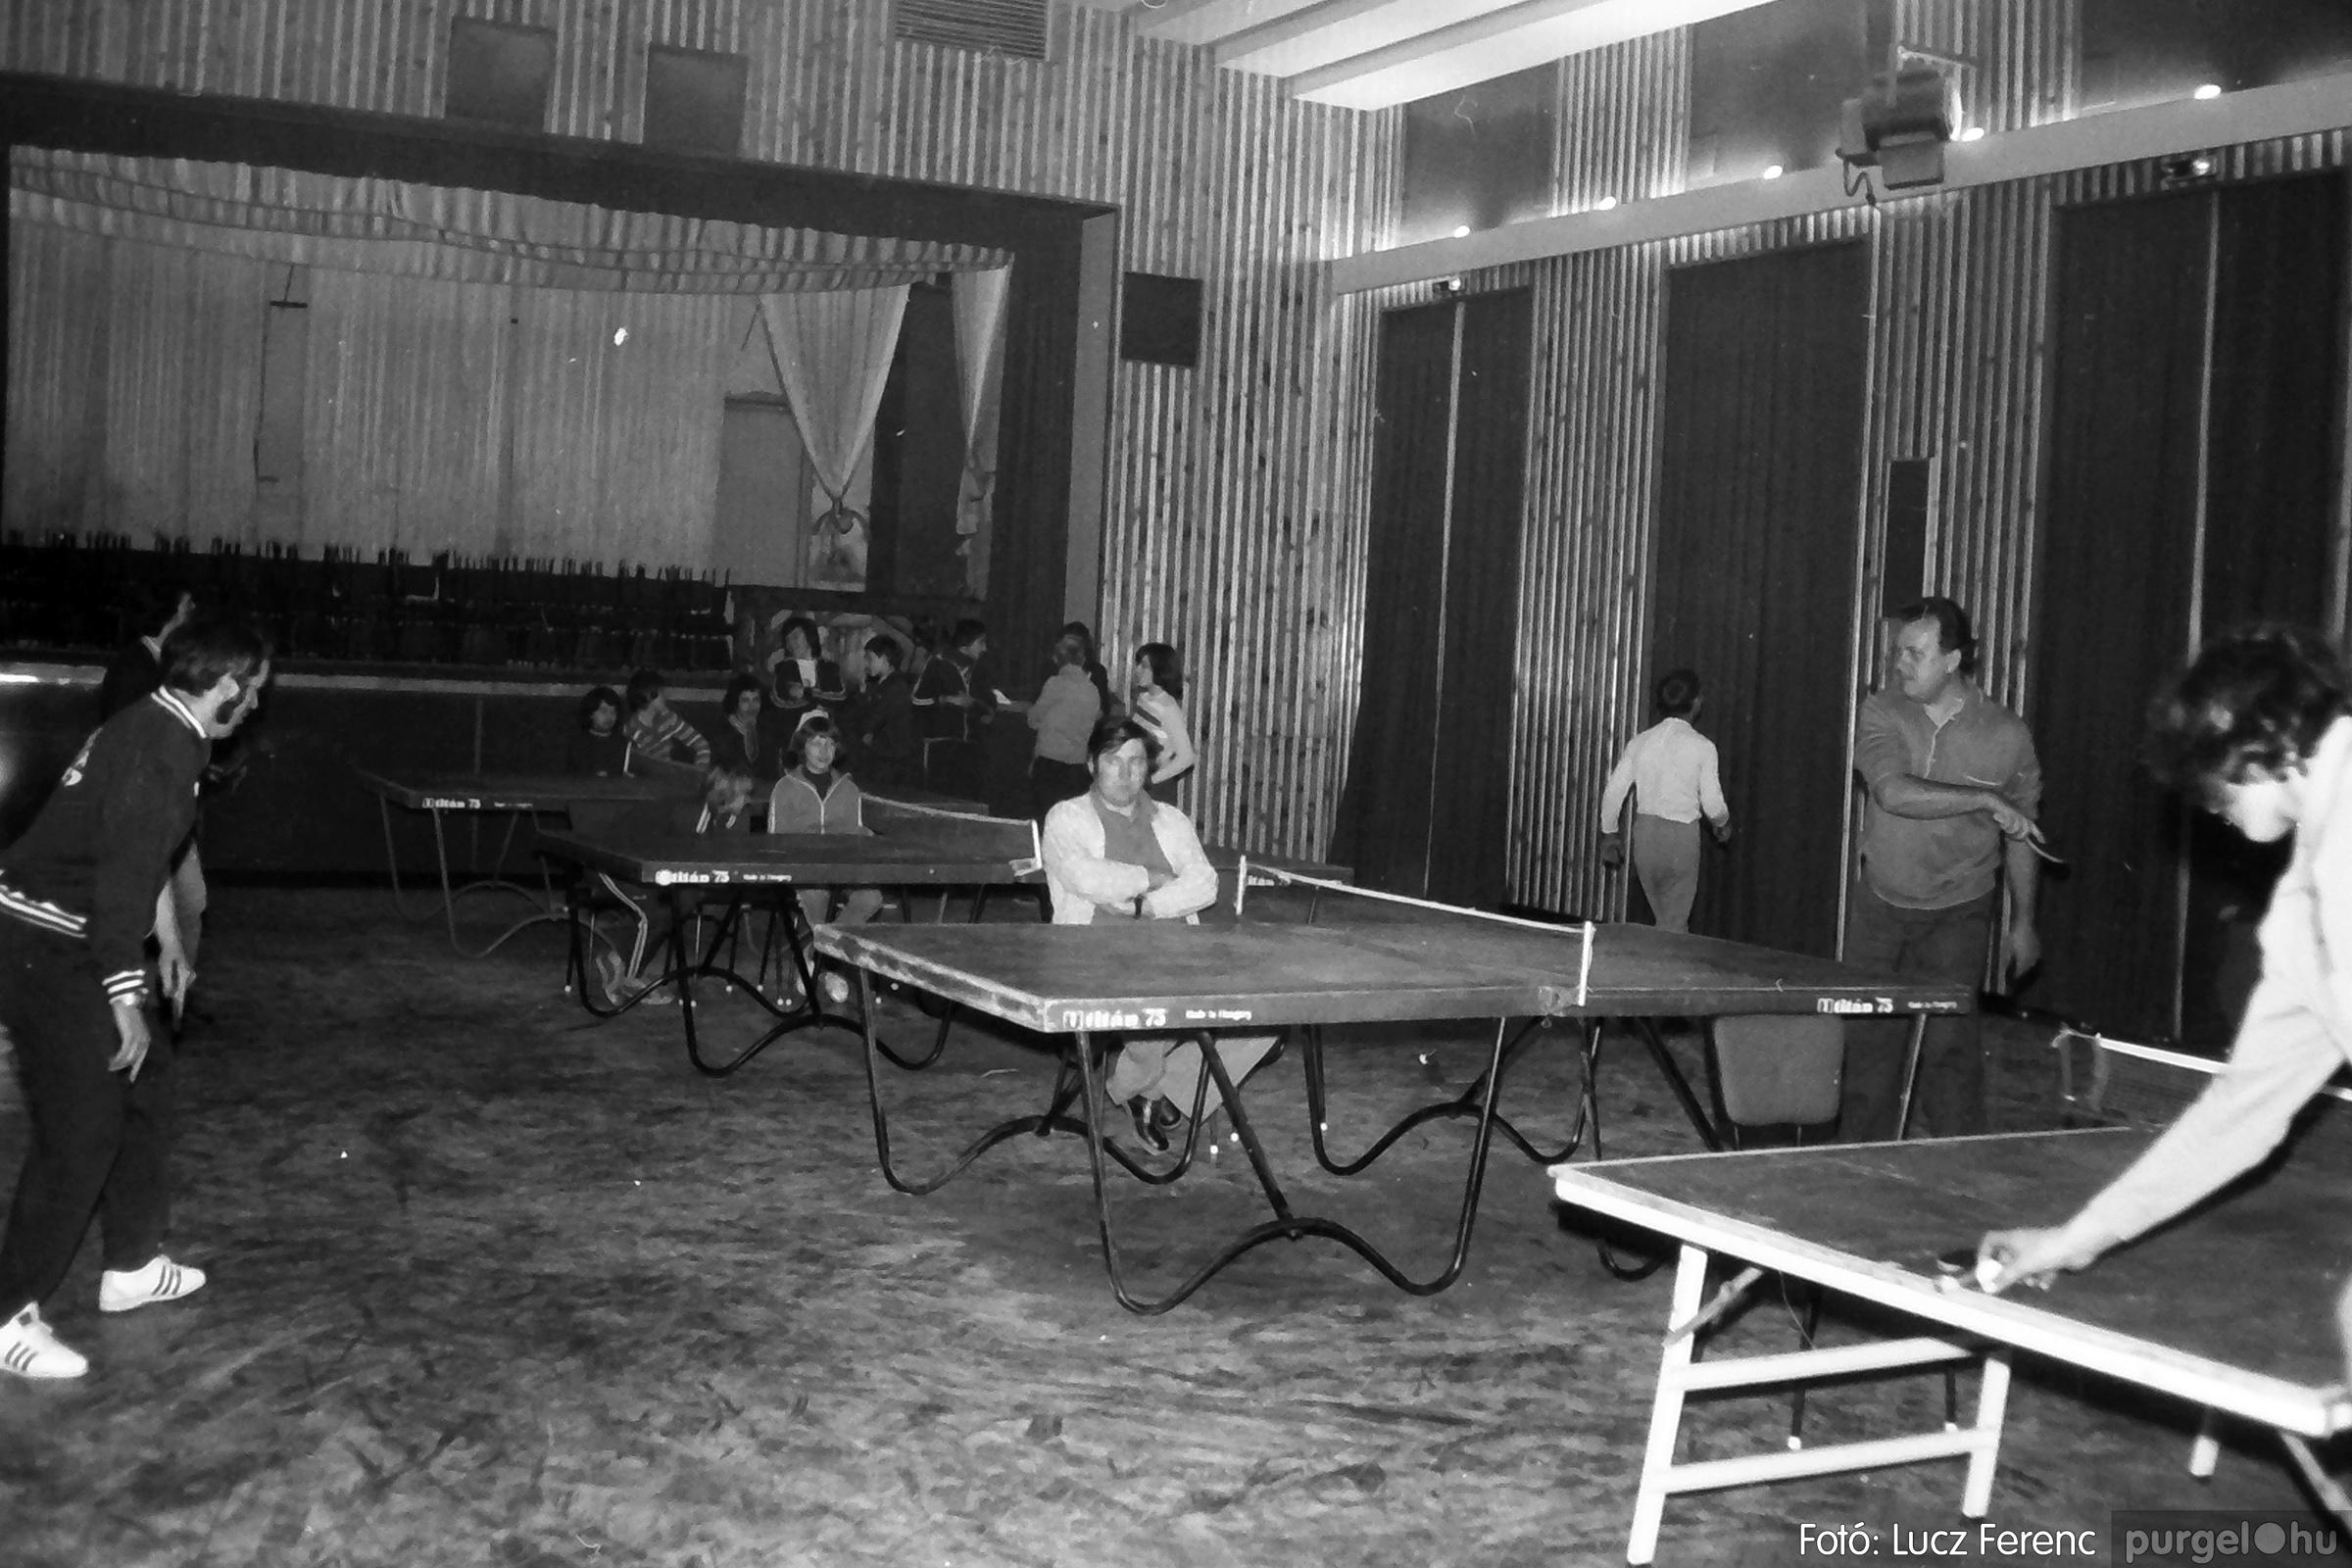 073. 1977. Asztaltenisz verseny 002. - Fotó: Lucz Ferenc.jpg